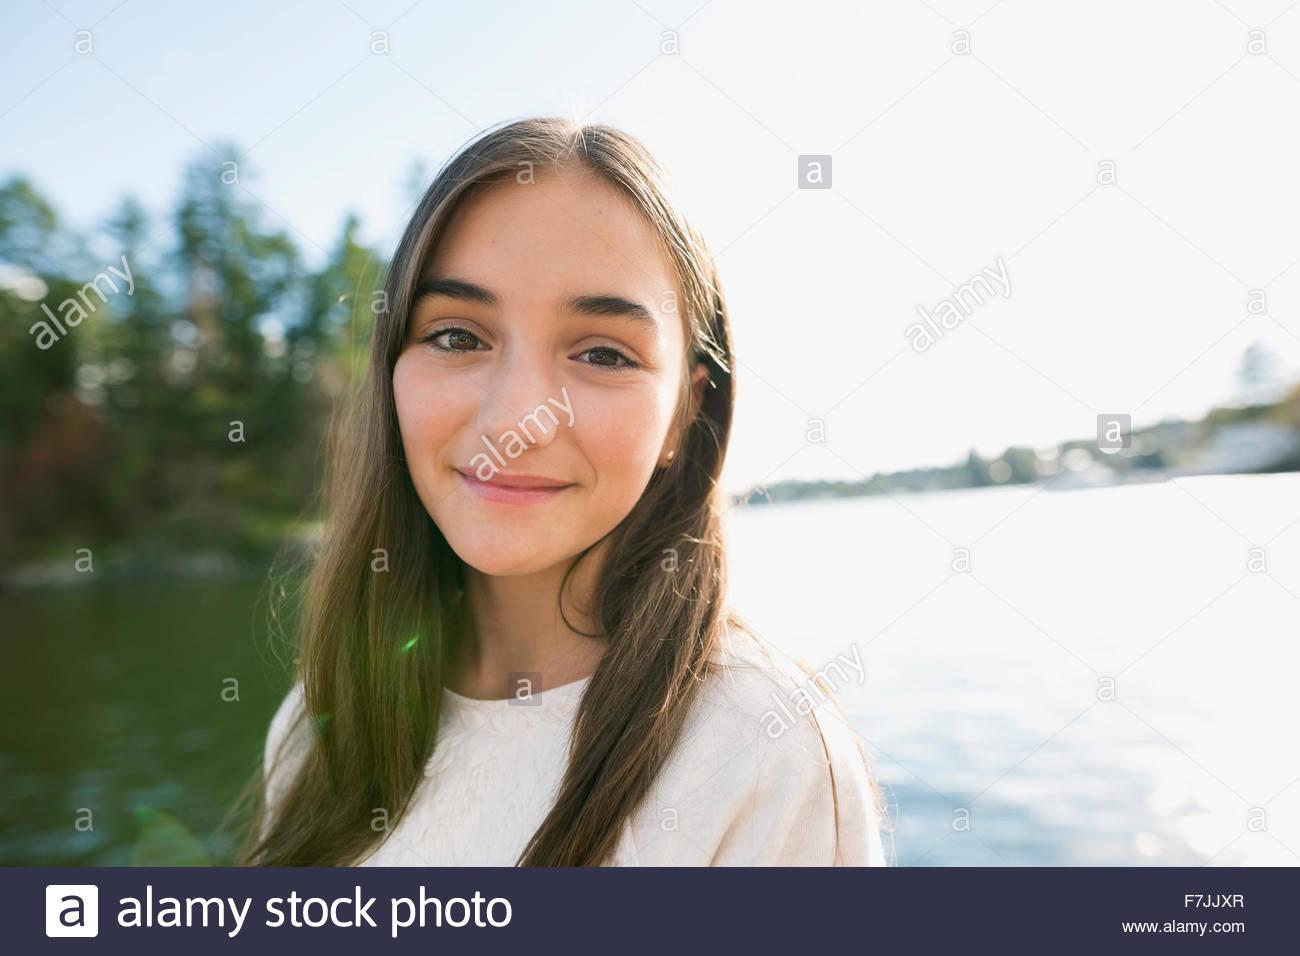 Ritratto sorridente ragazza bruna a Lakeside Immagini Stock